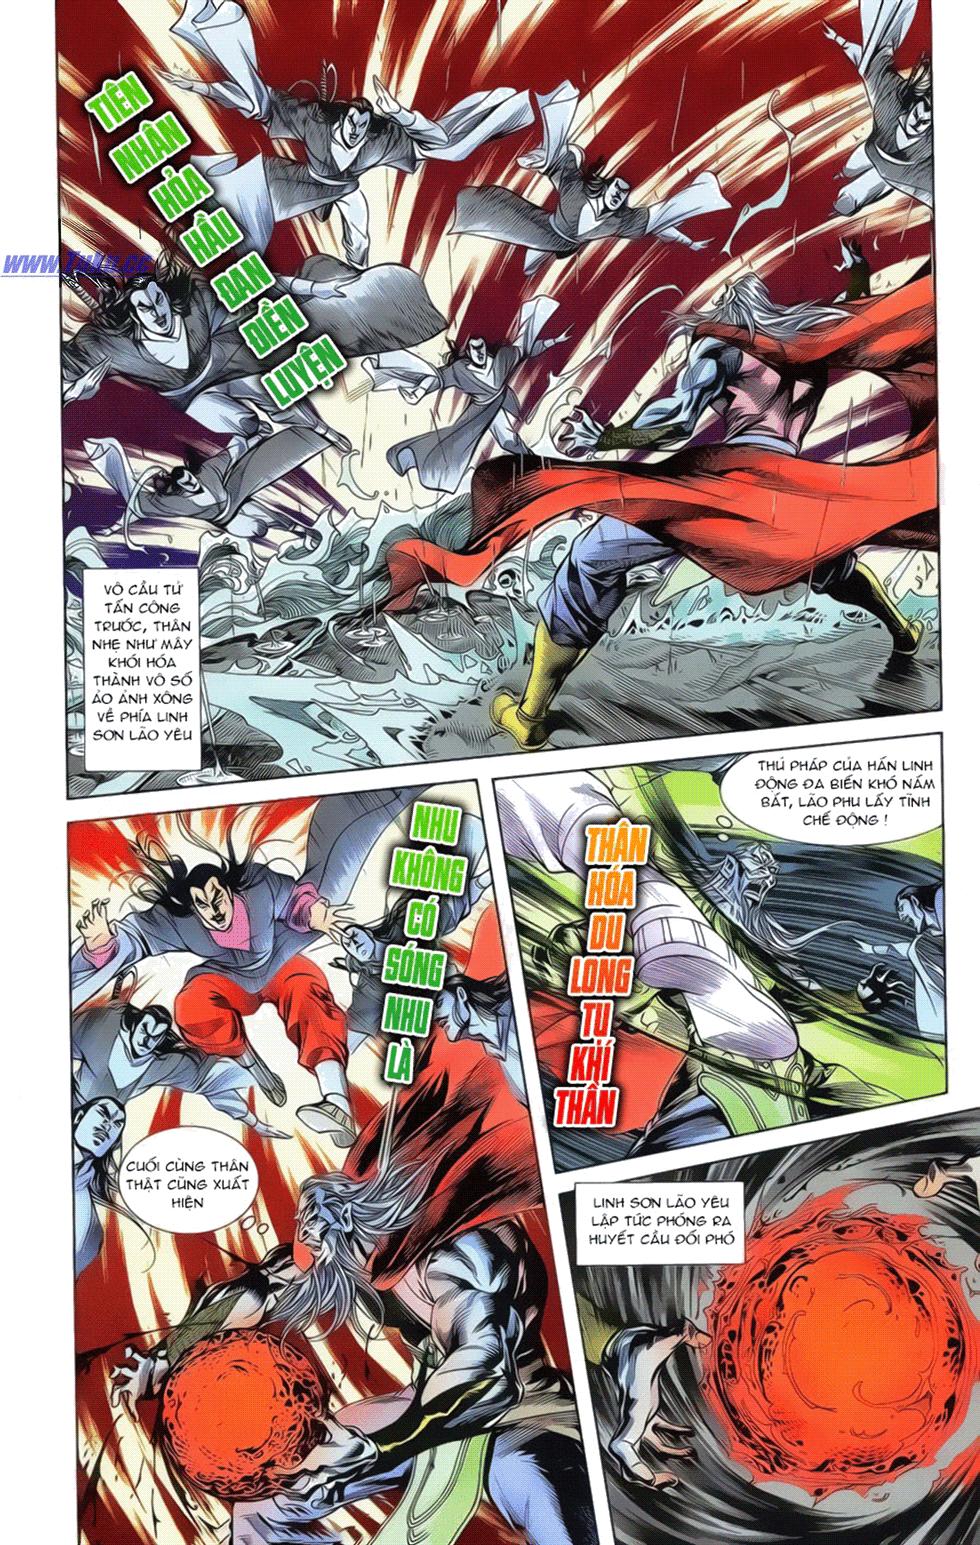 Tần Vương Doanh Chính chapter 19 trang 5